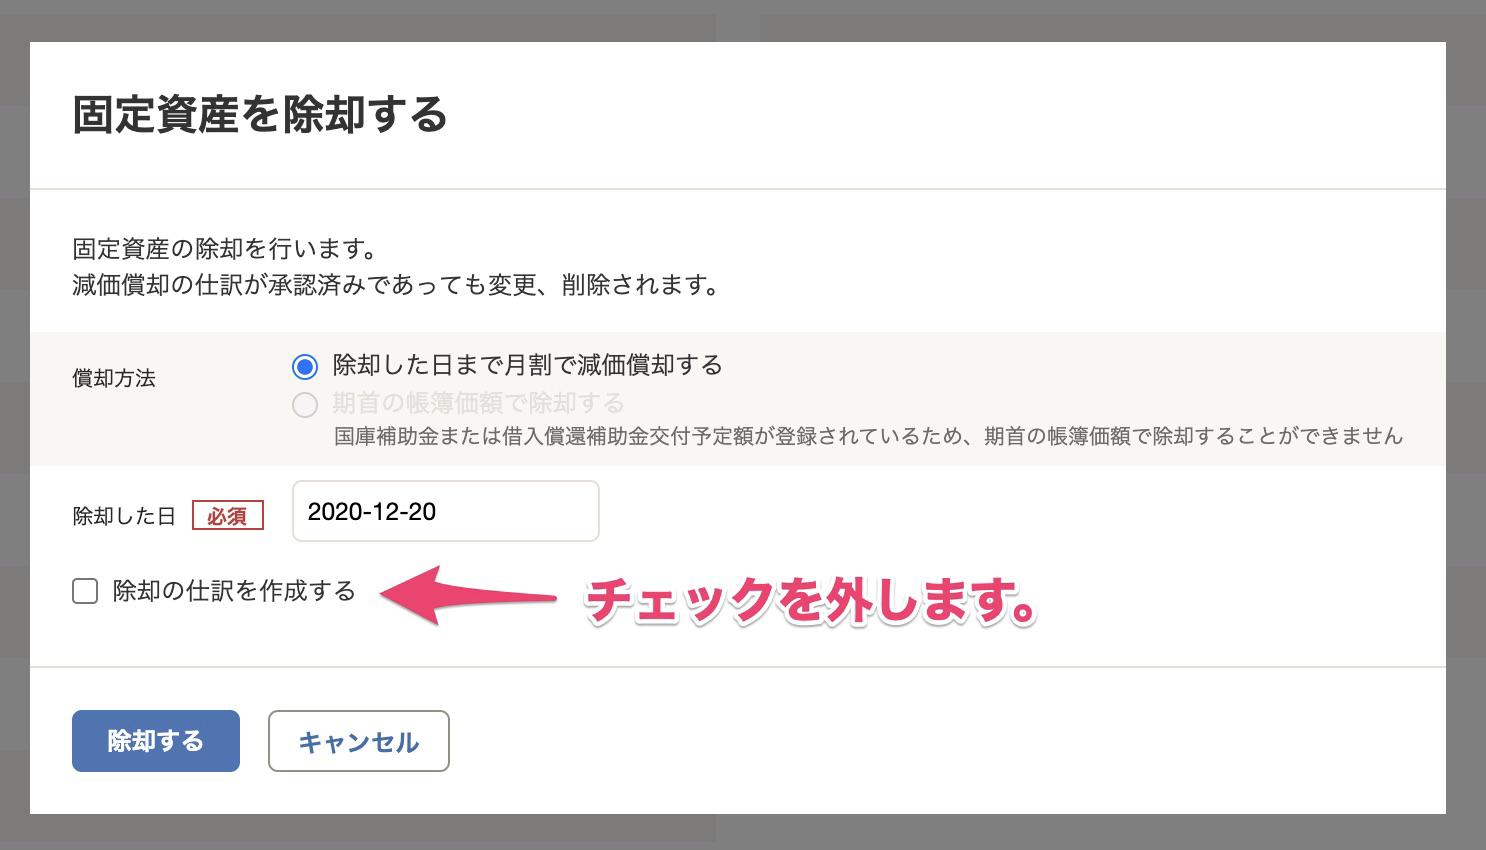 「固定資産を除却する」画面で[除却の仕訳を作成する]チェックボックスを指し示しているスクリーンショット